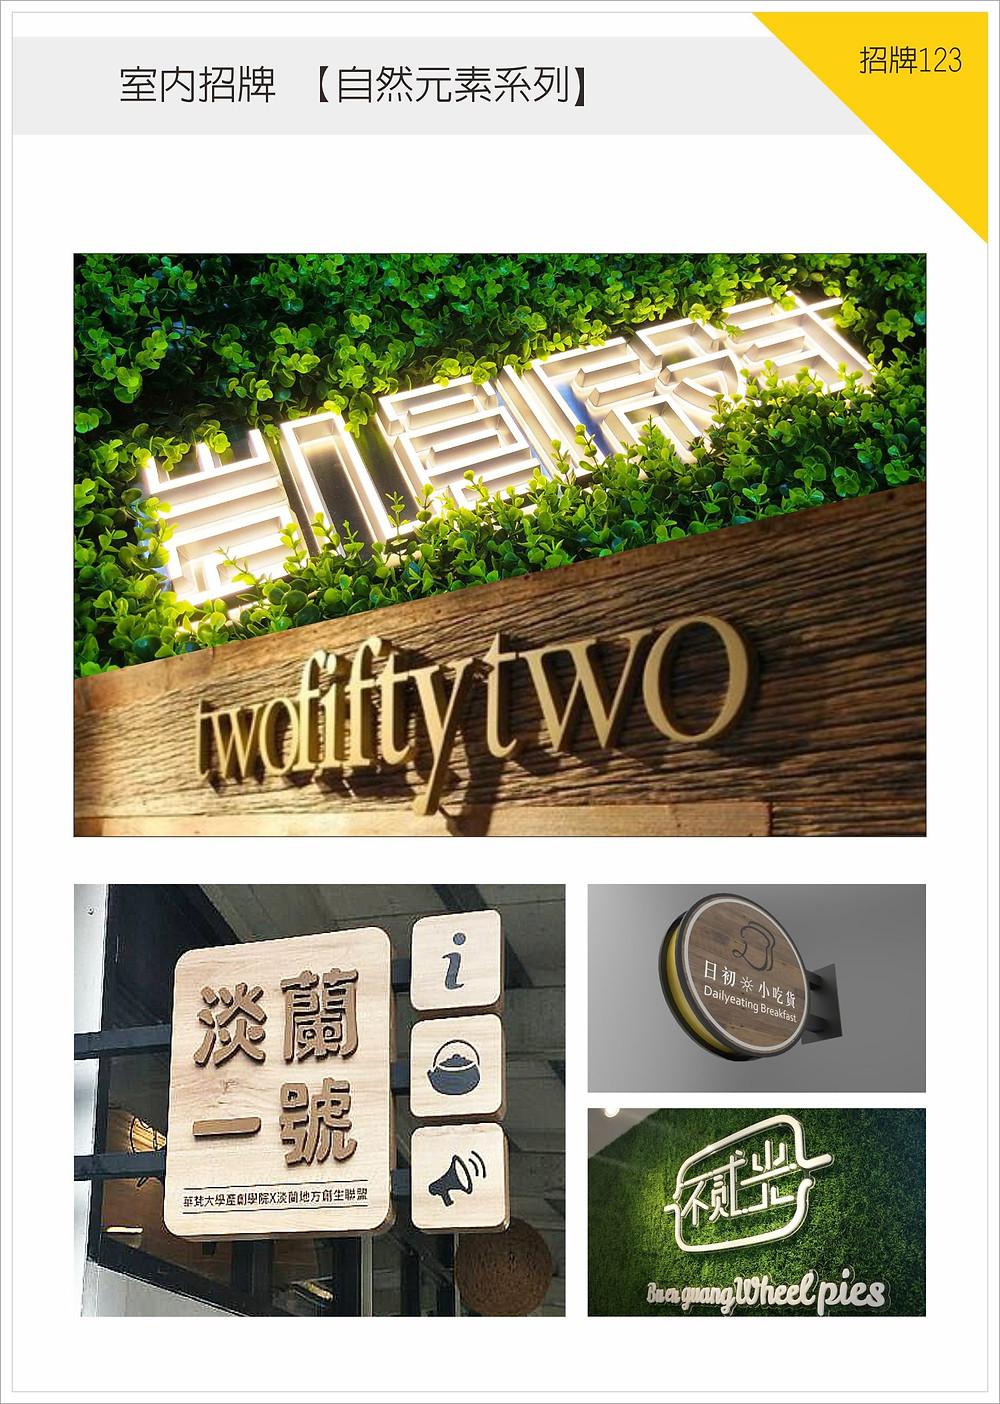 室內立體字招牌樣式設計